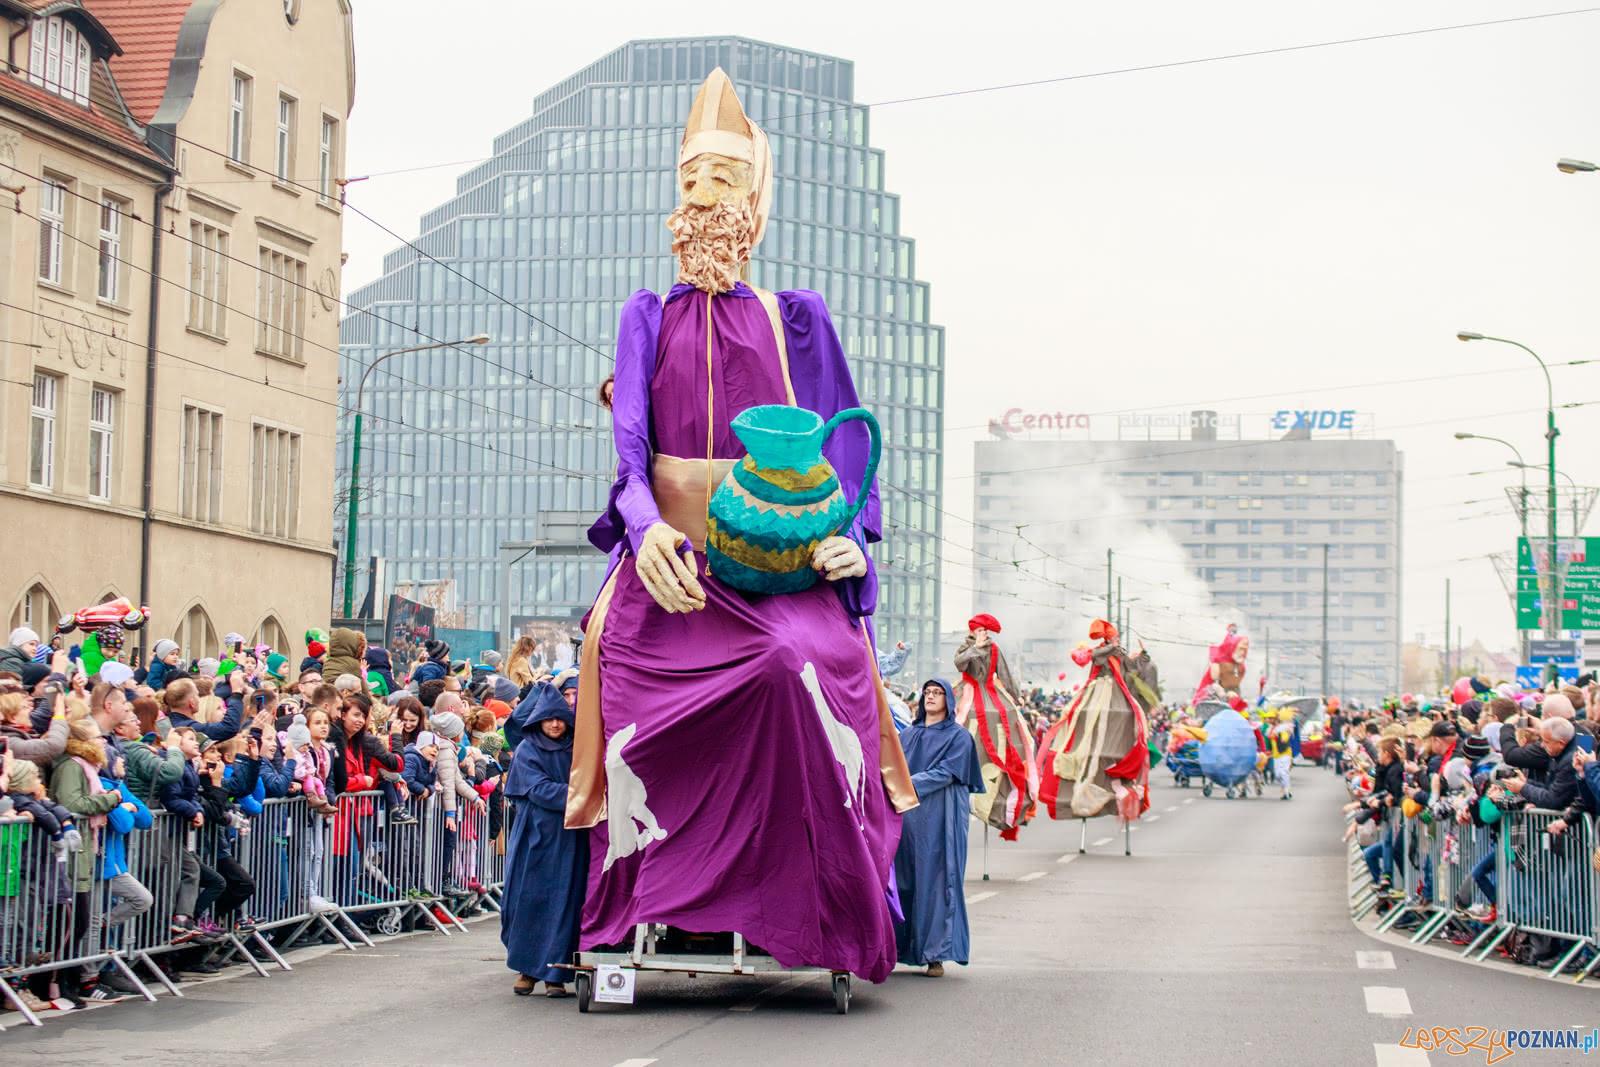 Imieniny Św. Marcin  Foto: lepszyPOZNAN.pl / Ewelina Jaśkowiak